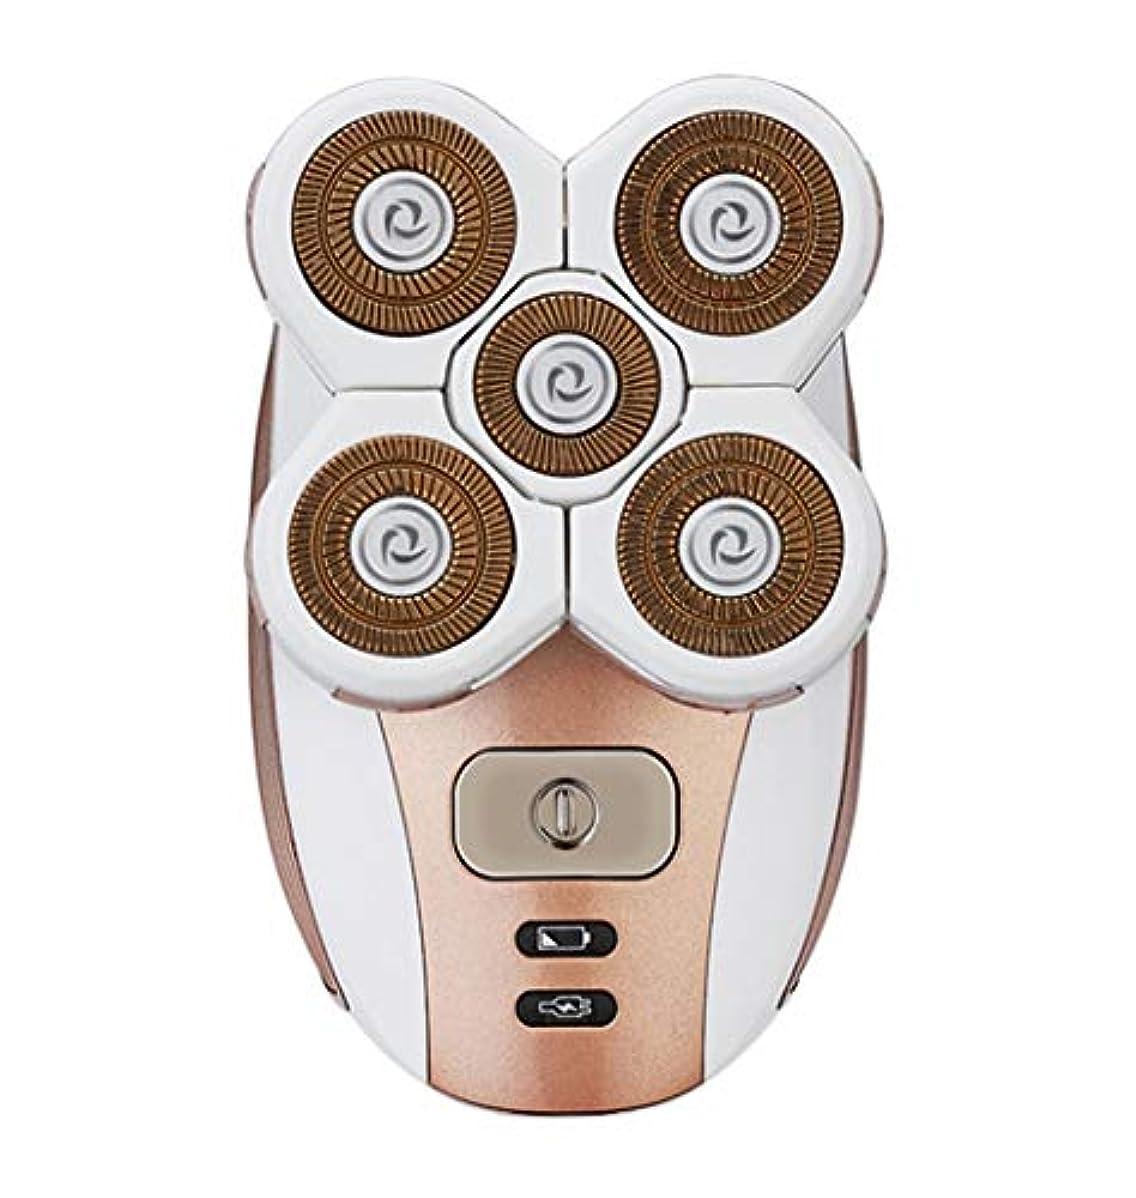 免疫する有名虚弱SGKJJ - 脱毛器 電気脱毛装置プライベートパーツシェービング器具脇の下陰毛剃毛レディーシェーバー - 8102